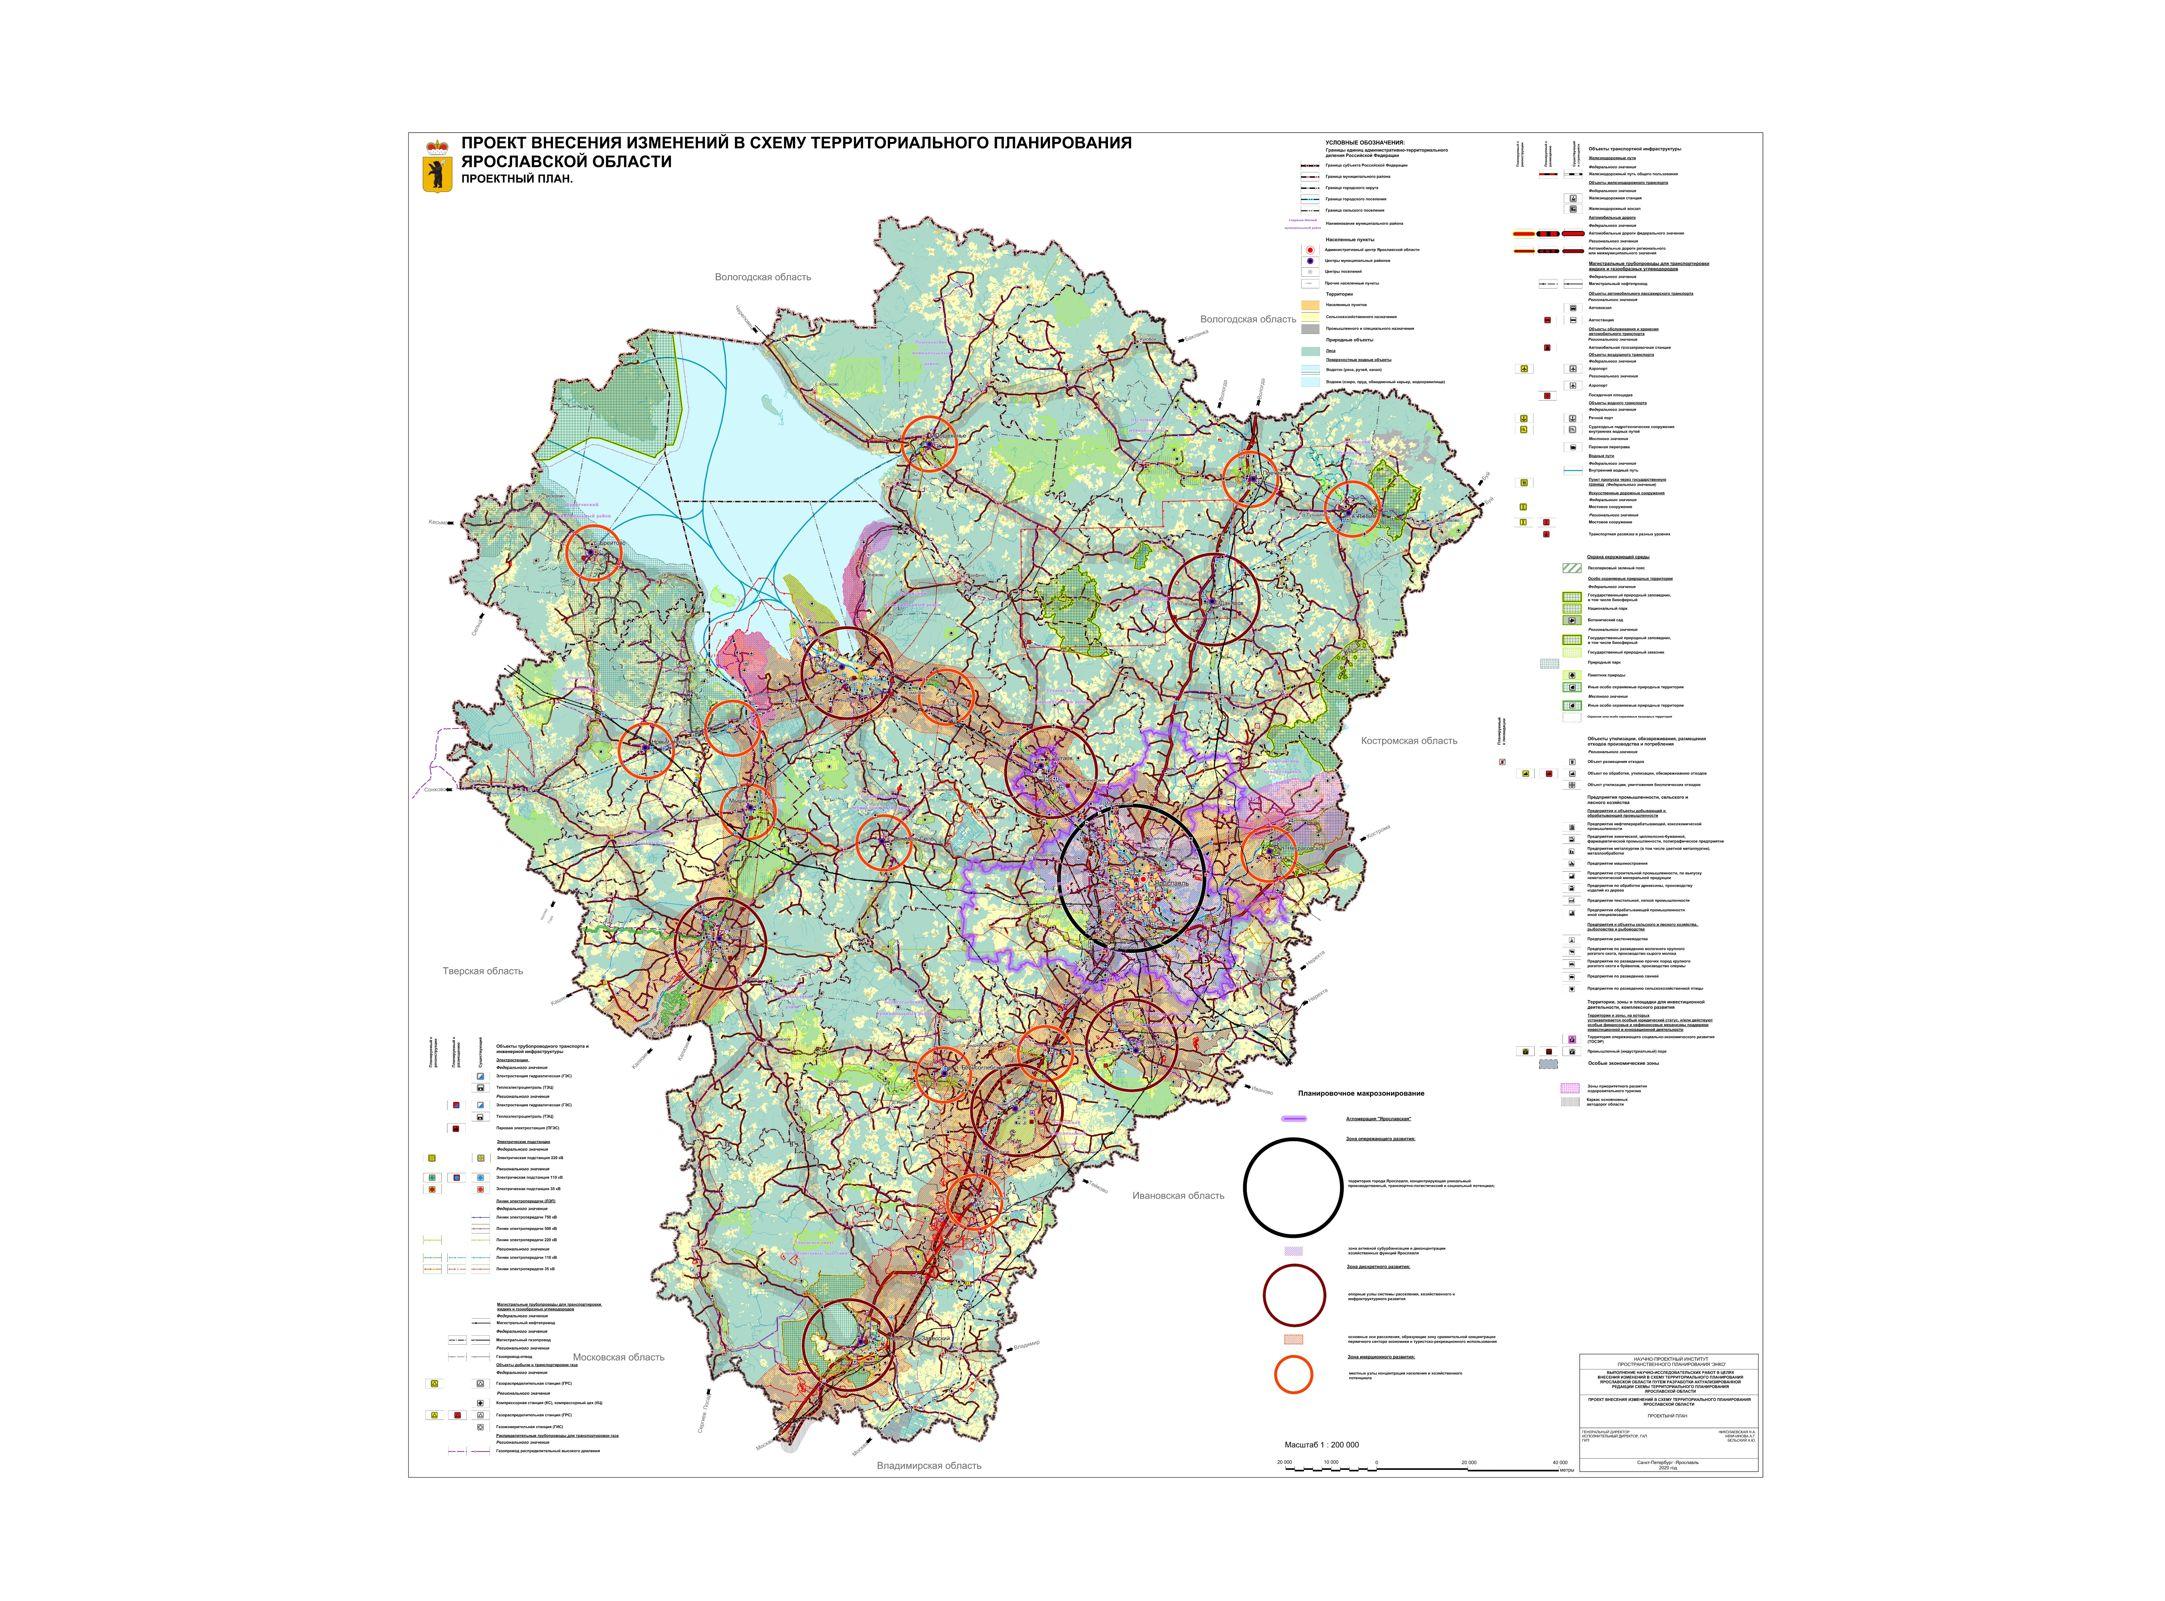 Обновлена схема территориального планирования Ярославской области